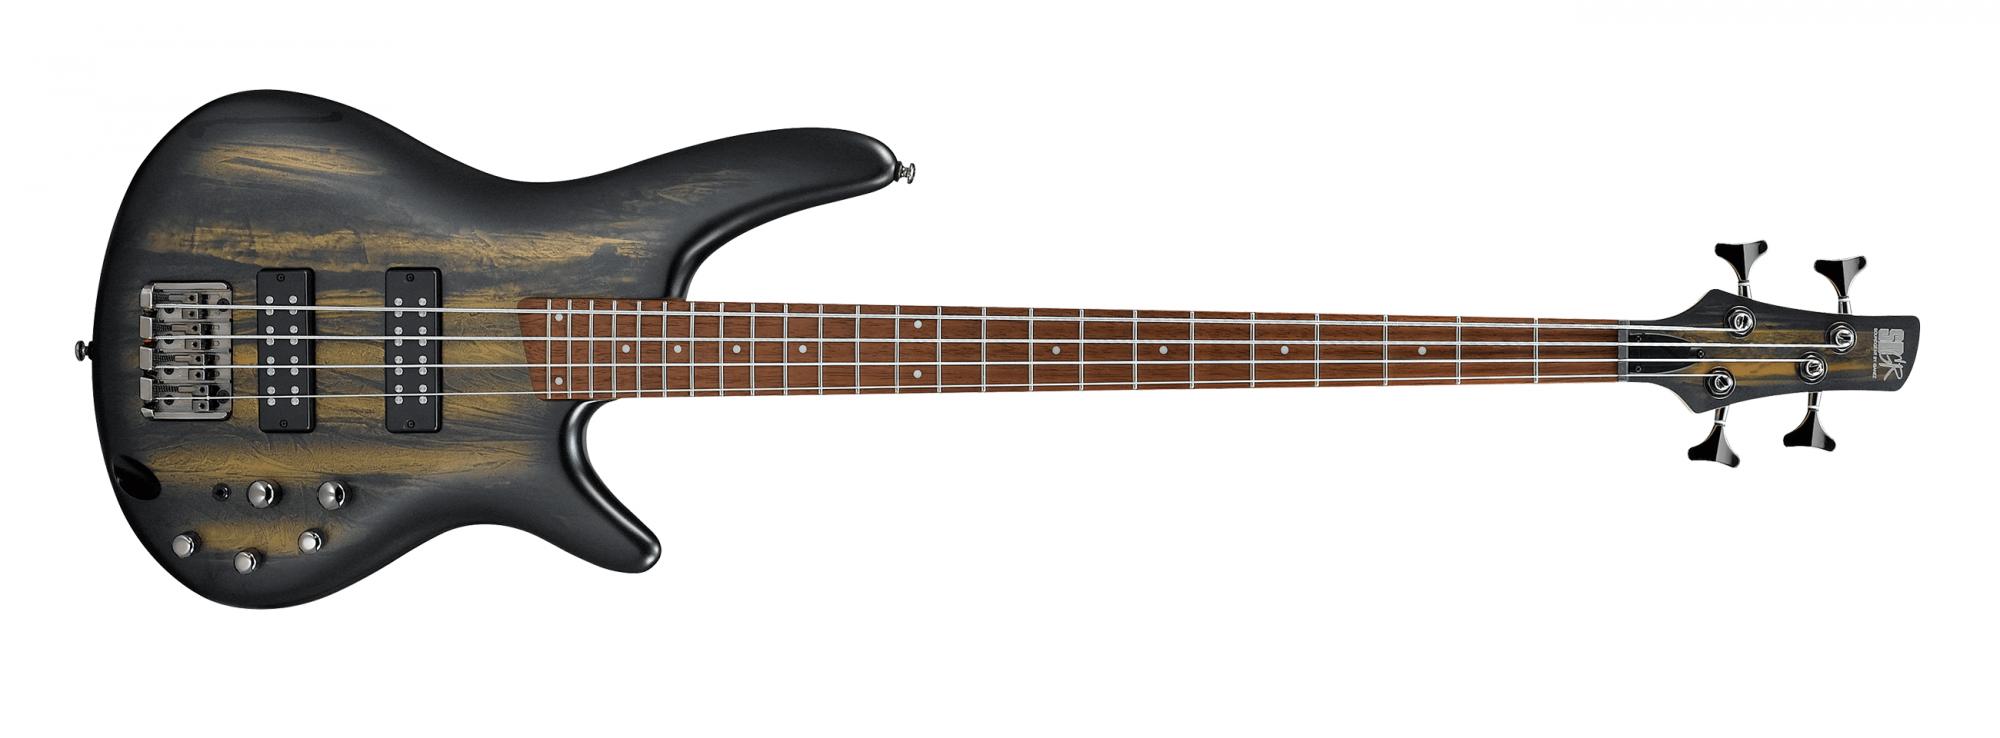 Ibanez SR300E Electric Bass, Golden Veil Matte